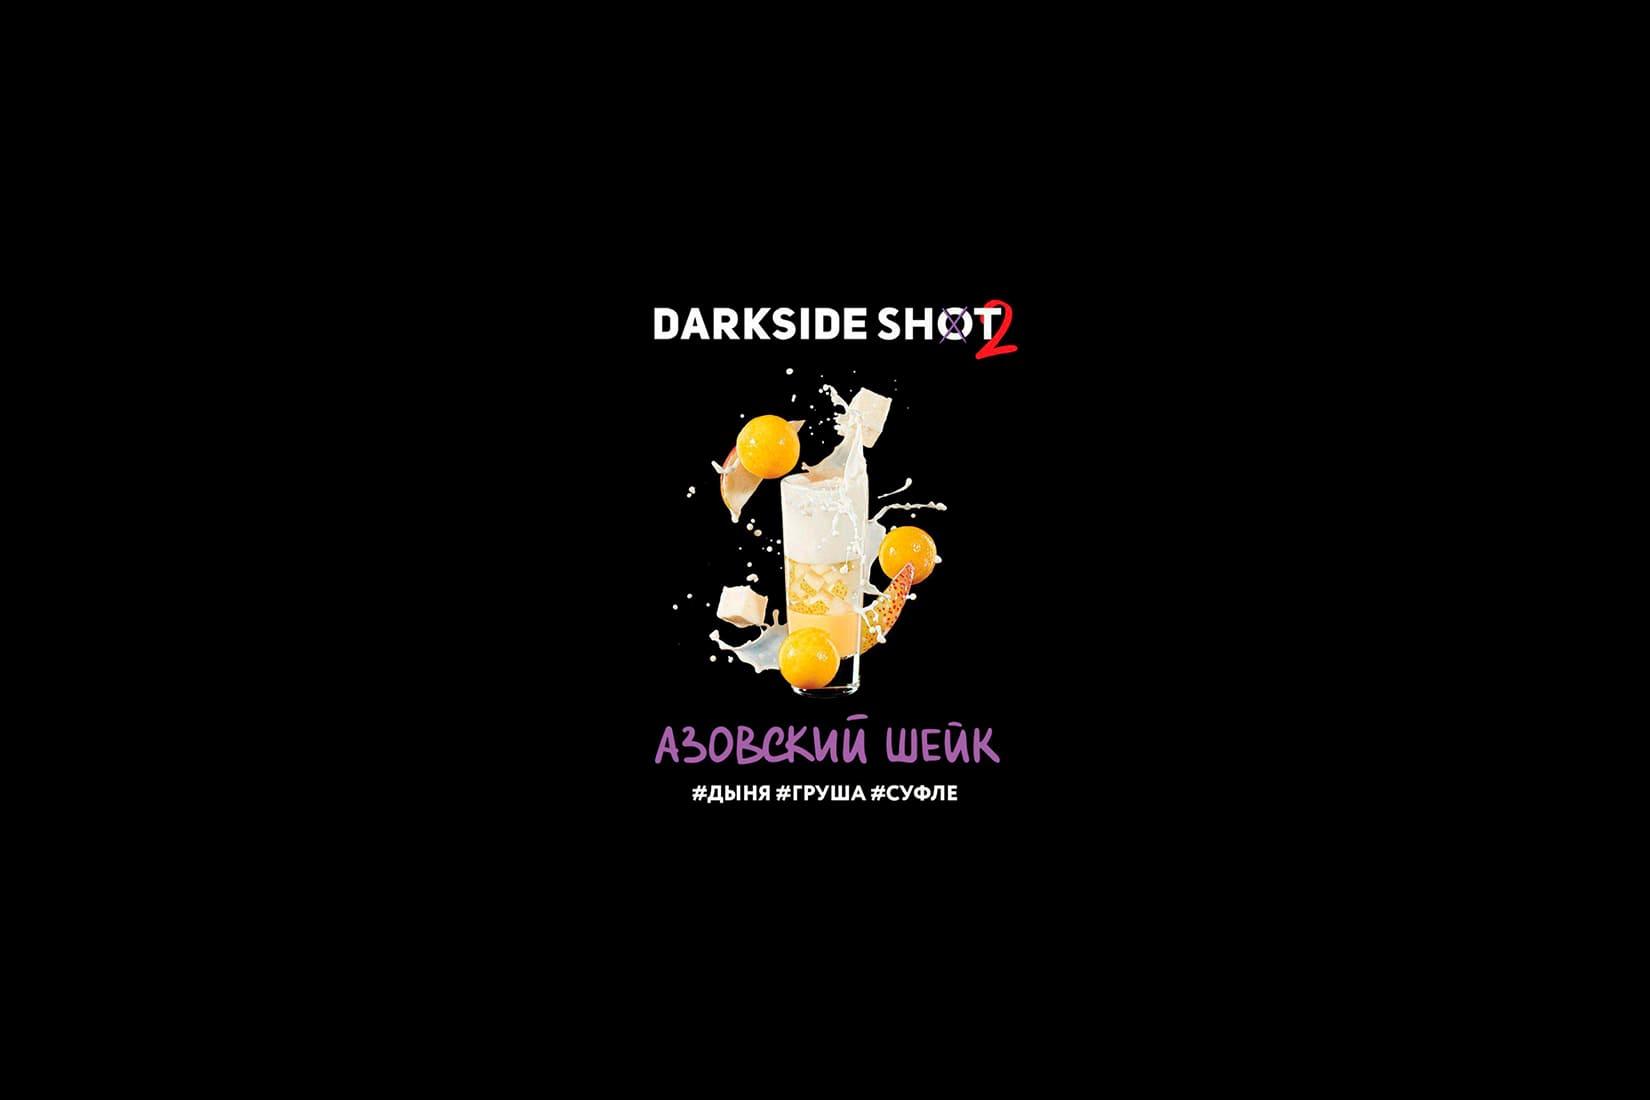 Табак для кальяна DarkSide SHOT Азовский шейк – описание, отзывы